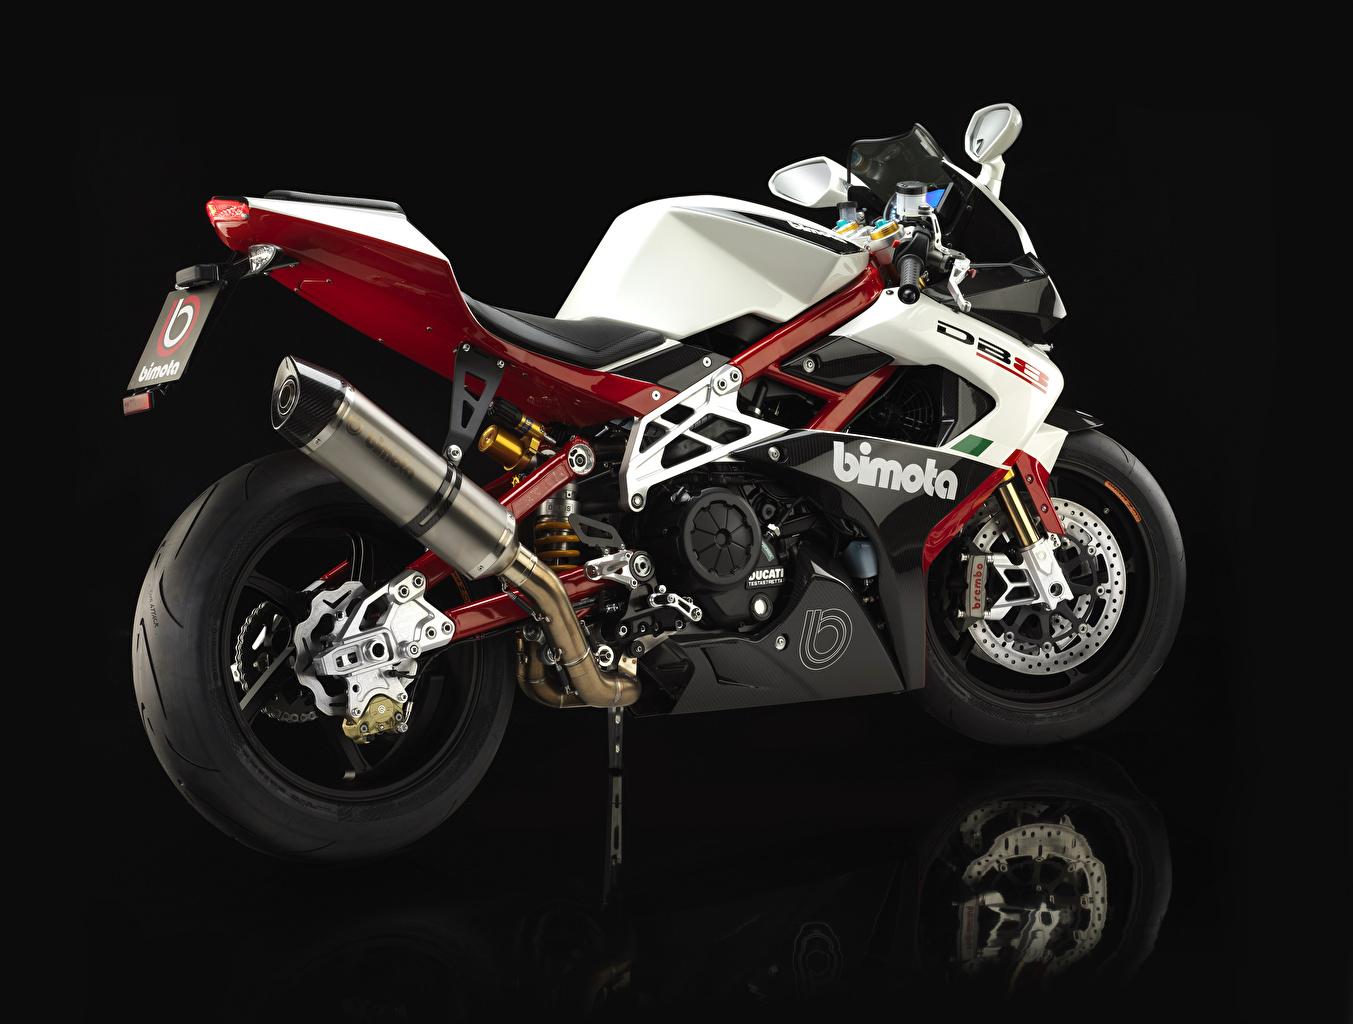 Картинка 2013-16 Bimota DB8 Italia мотоцикл вблизи на черном фоне Мотоциклы Черный фон Крупным планом